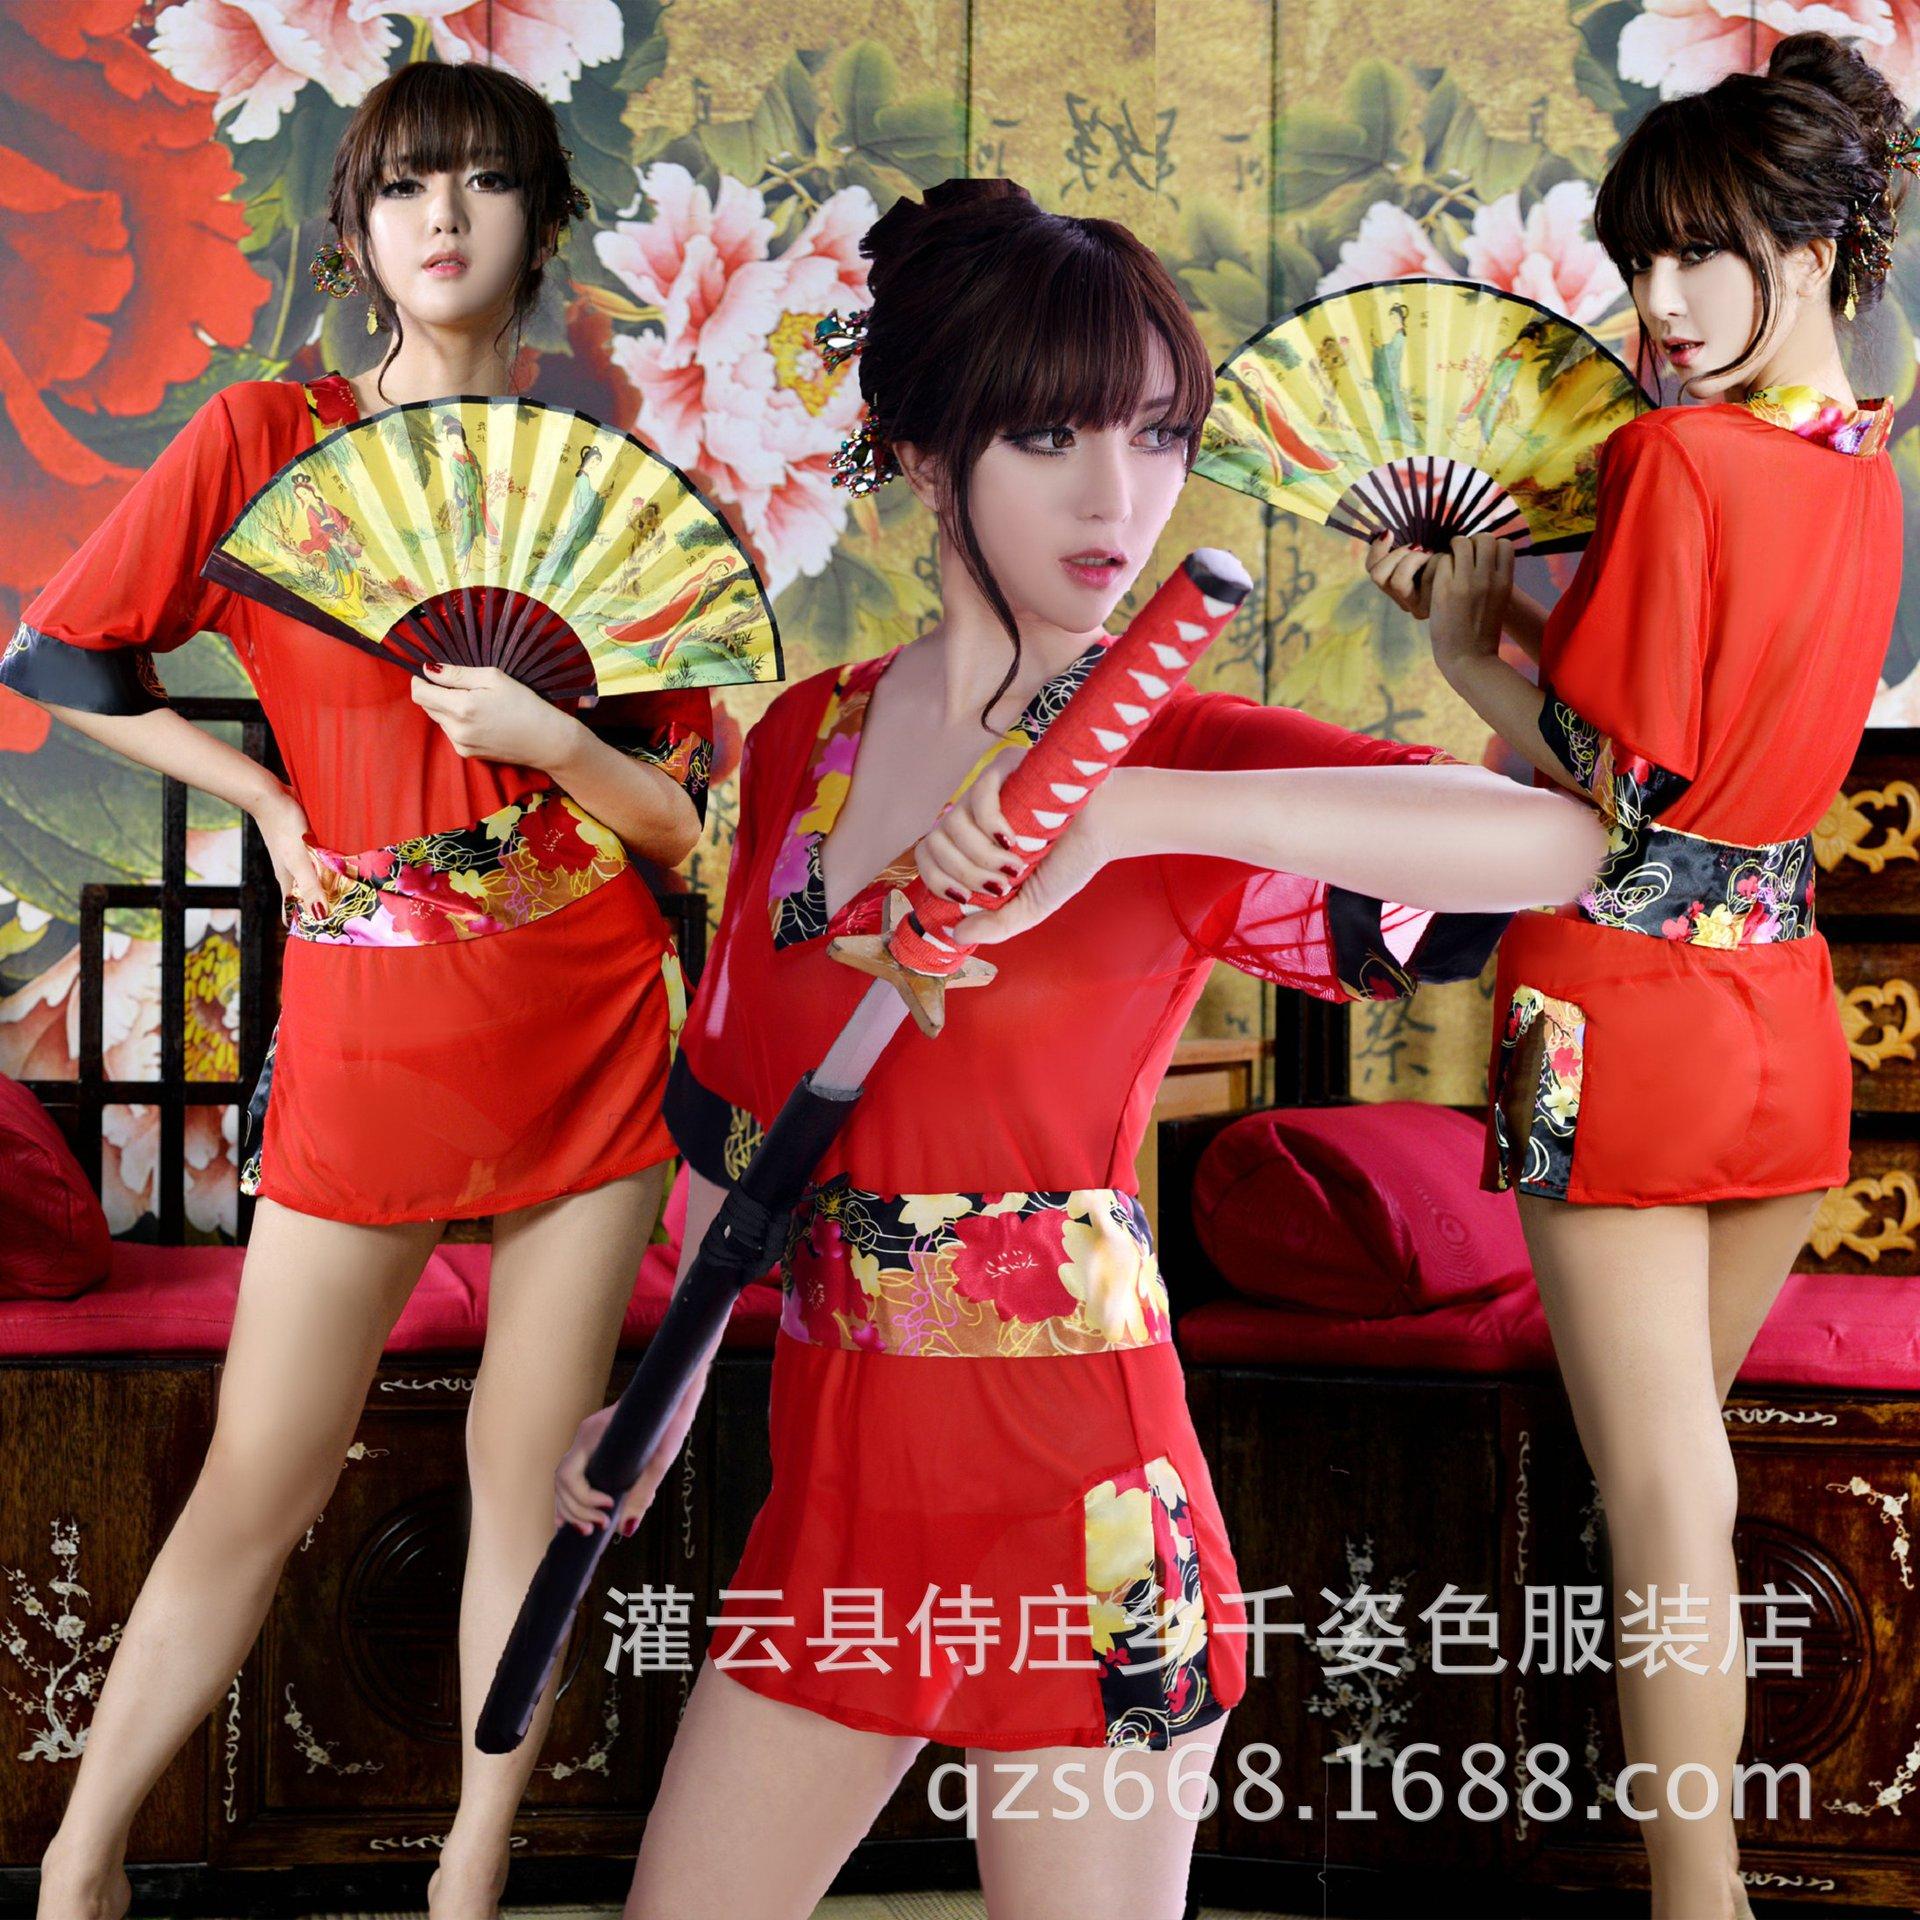 Сексуальные игры японцев 2 фотография